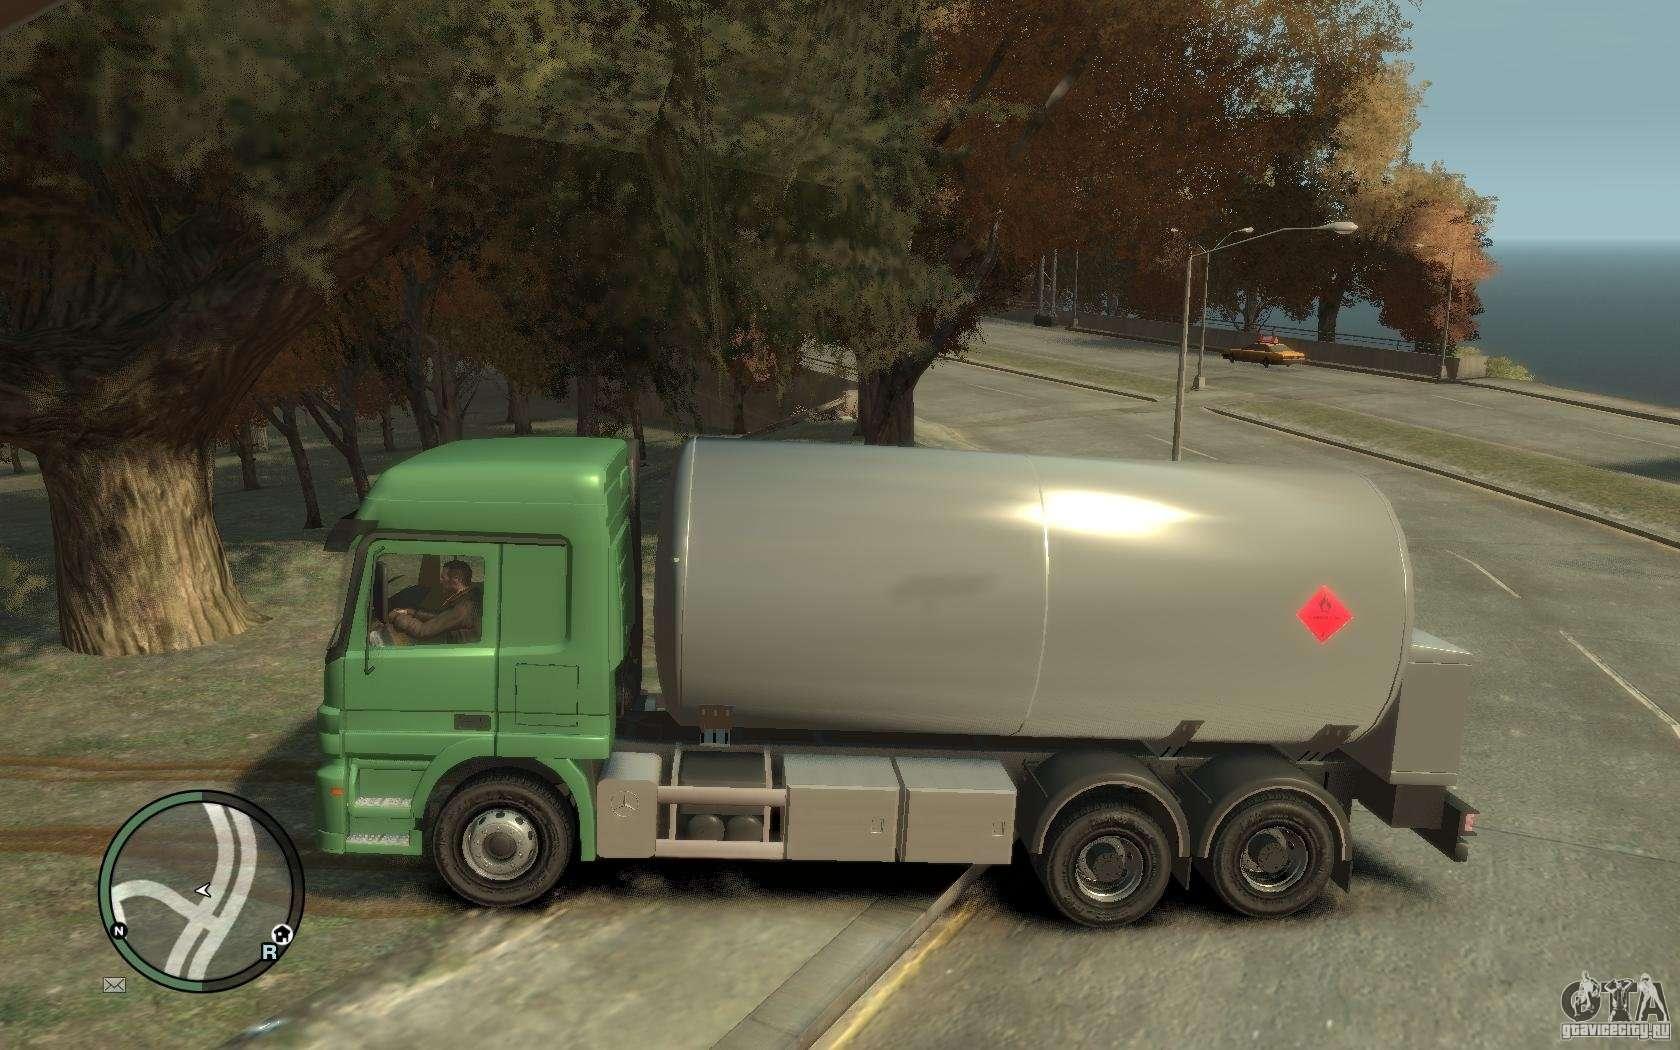 Gta 5 Gas Truck: Smart Fuel Mod V [Pertamina] – Billy Knight